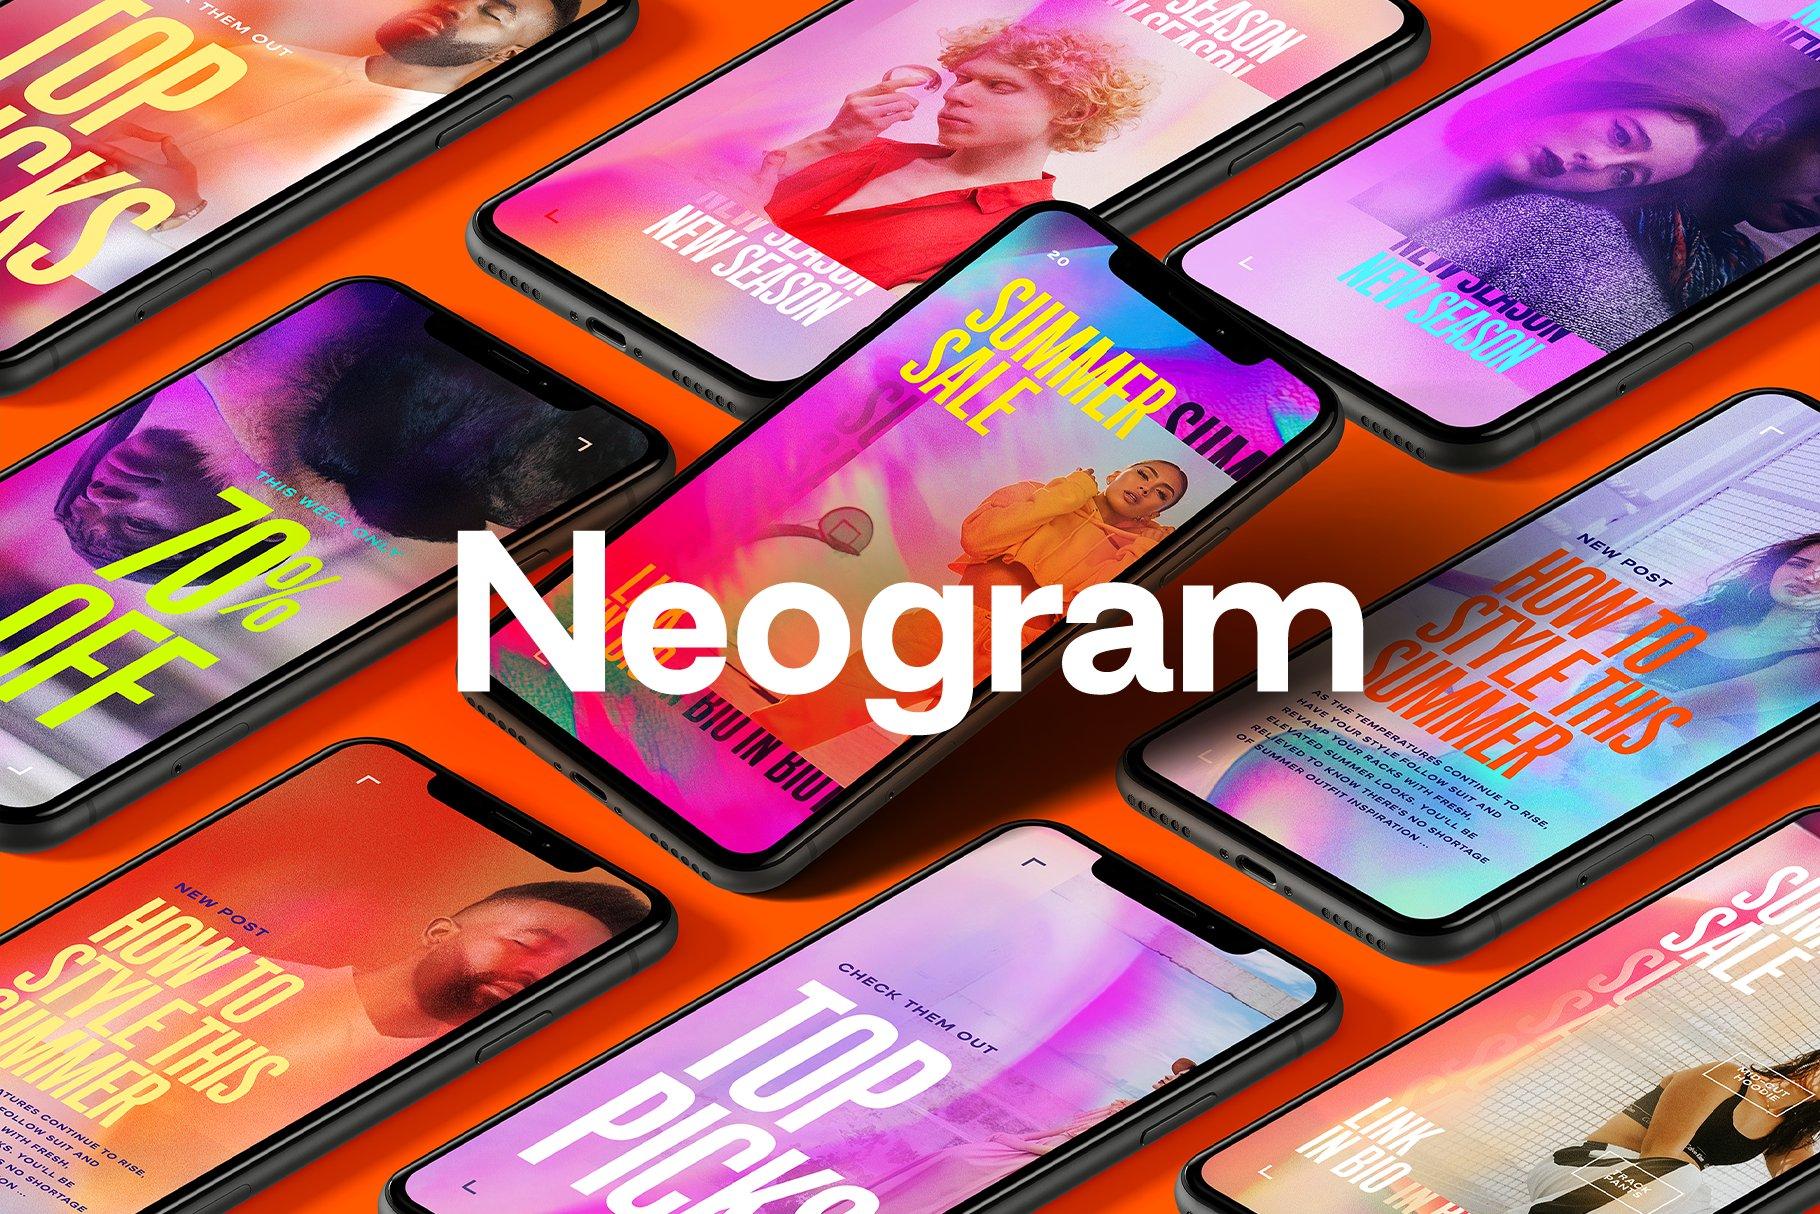 [单独购买] 潮流霓虹效果品牌推广新媒体电商海报设计模板PS素材 Neogram – Neon Instagram Stories插图